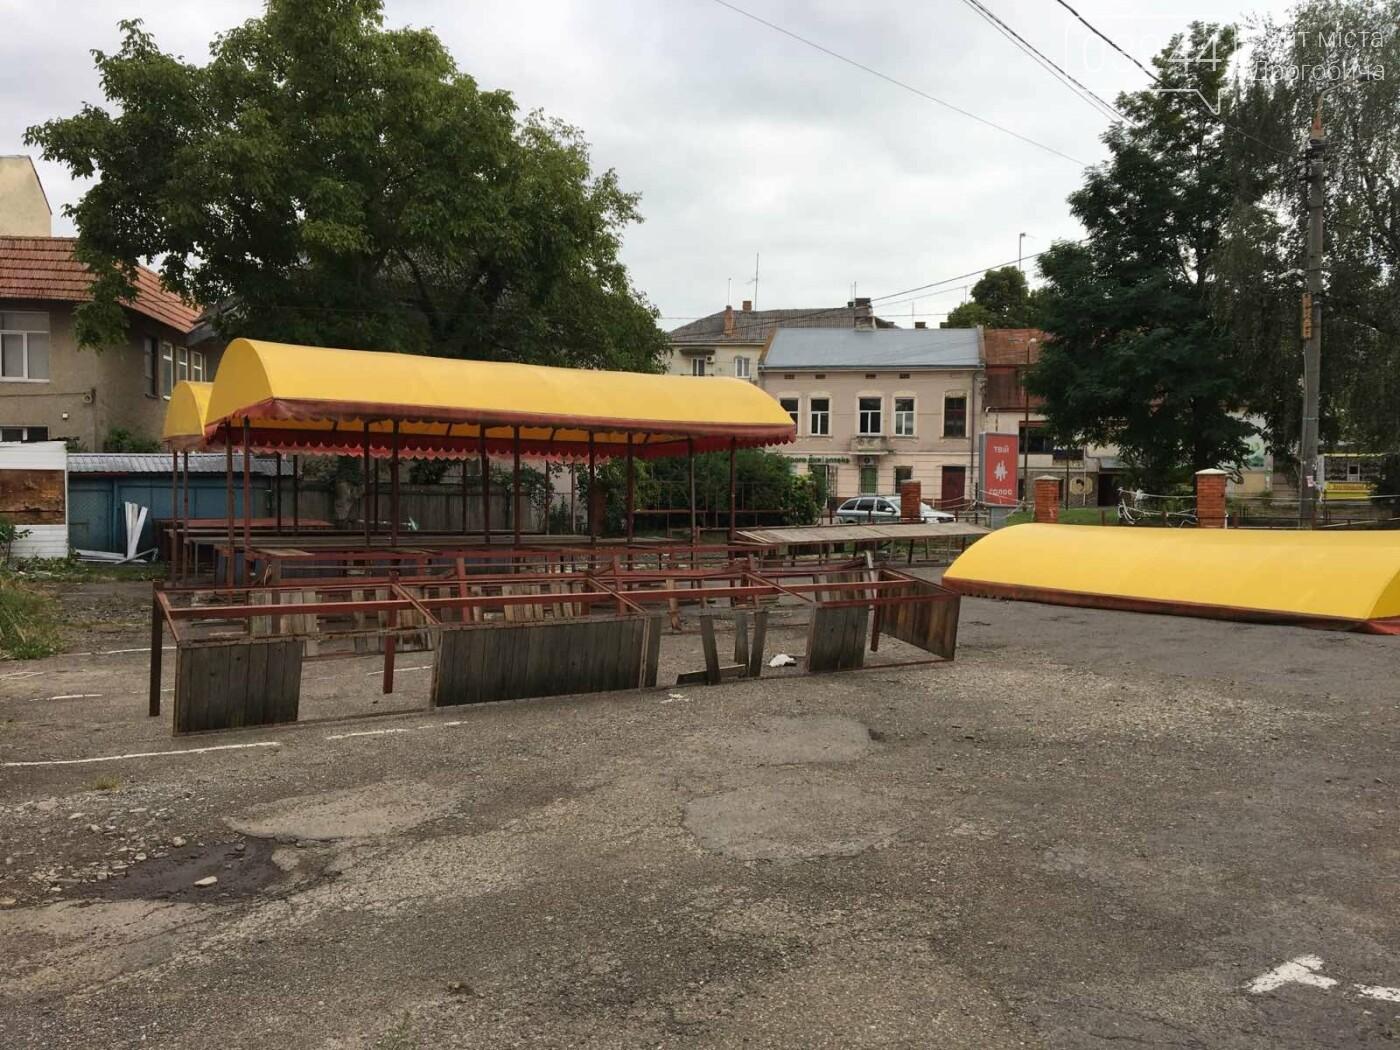 Ні - стихійній торгівлі! У Дрогобичі облаштують новий ринок, куди хочуть перенести торгівлю з під «Прометею», фото-2